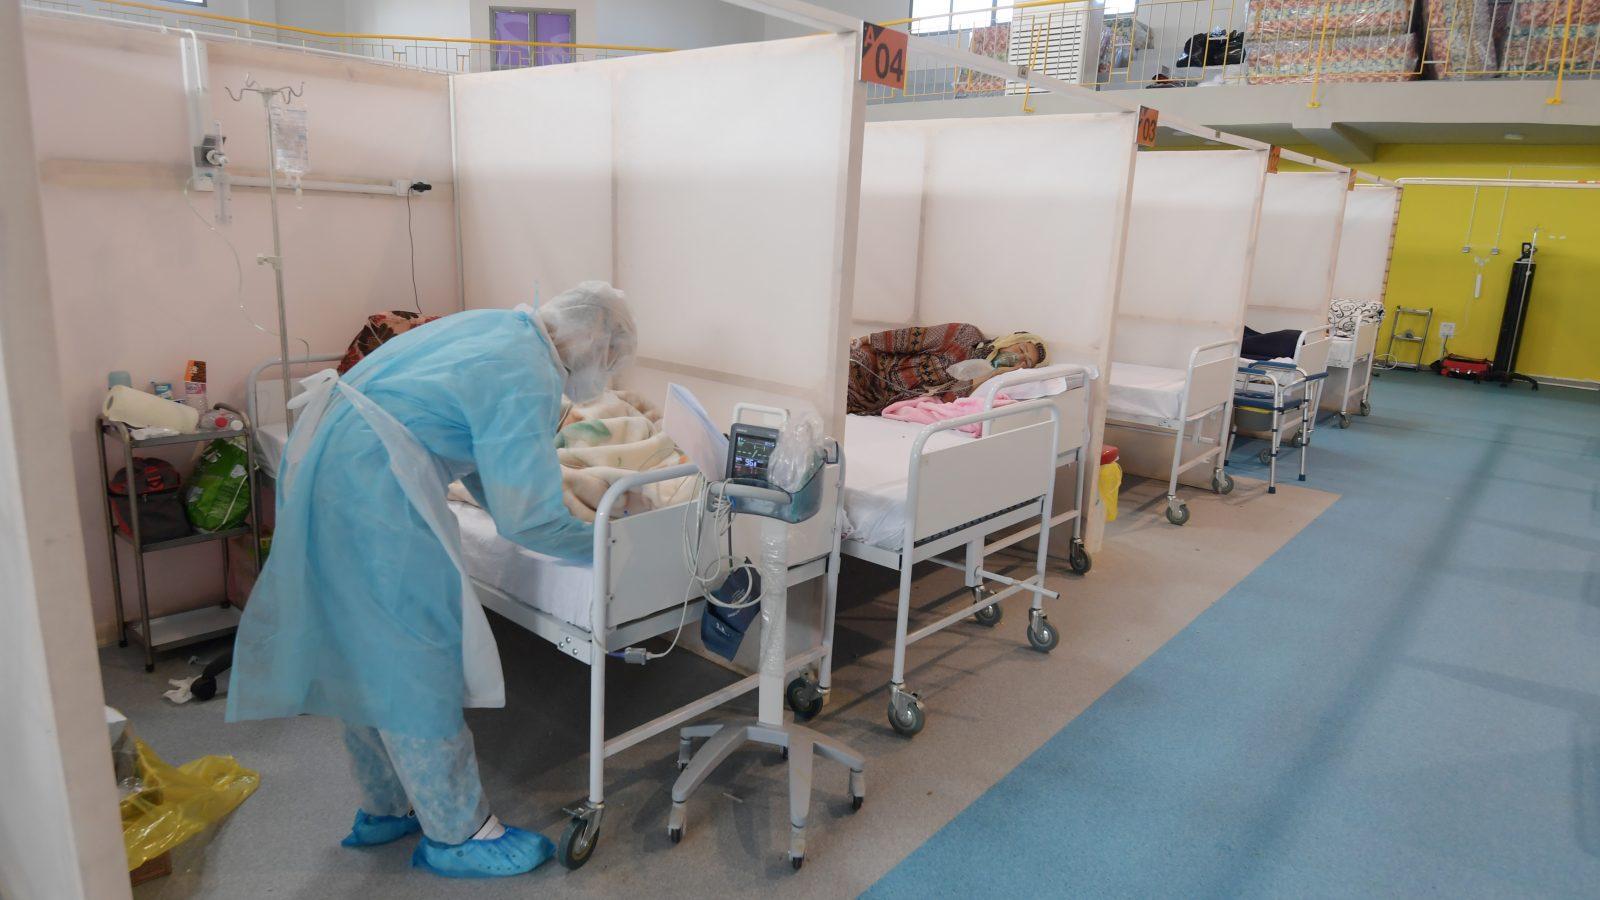 هذا عدد المرضى المصابين بكورونا في المستشفيات والمصحات